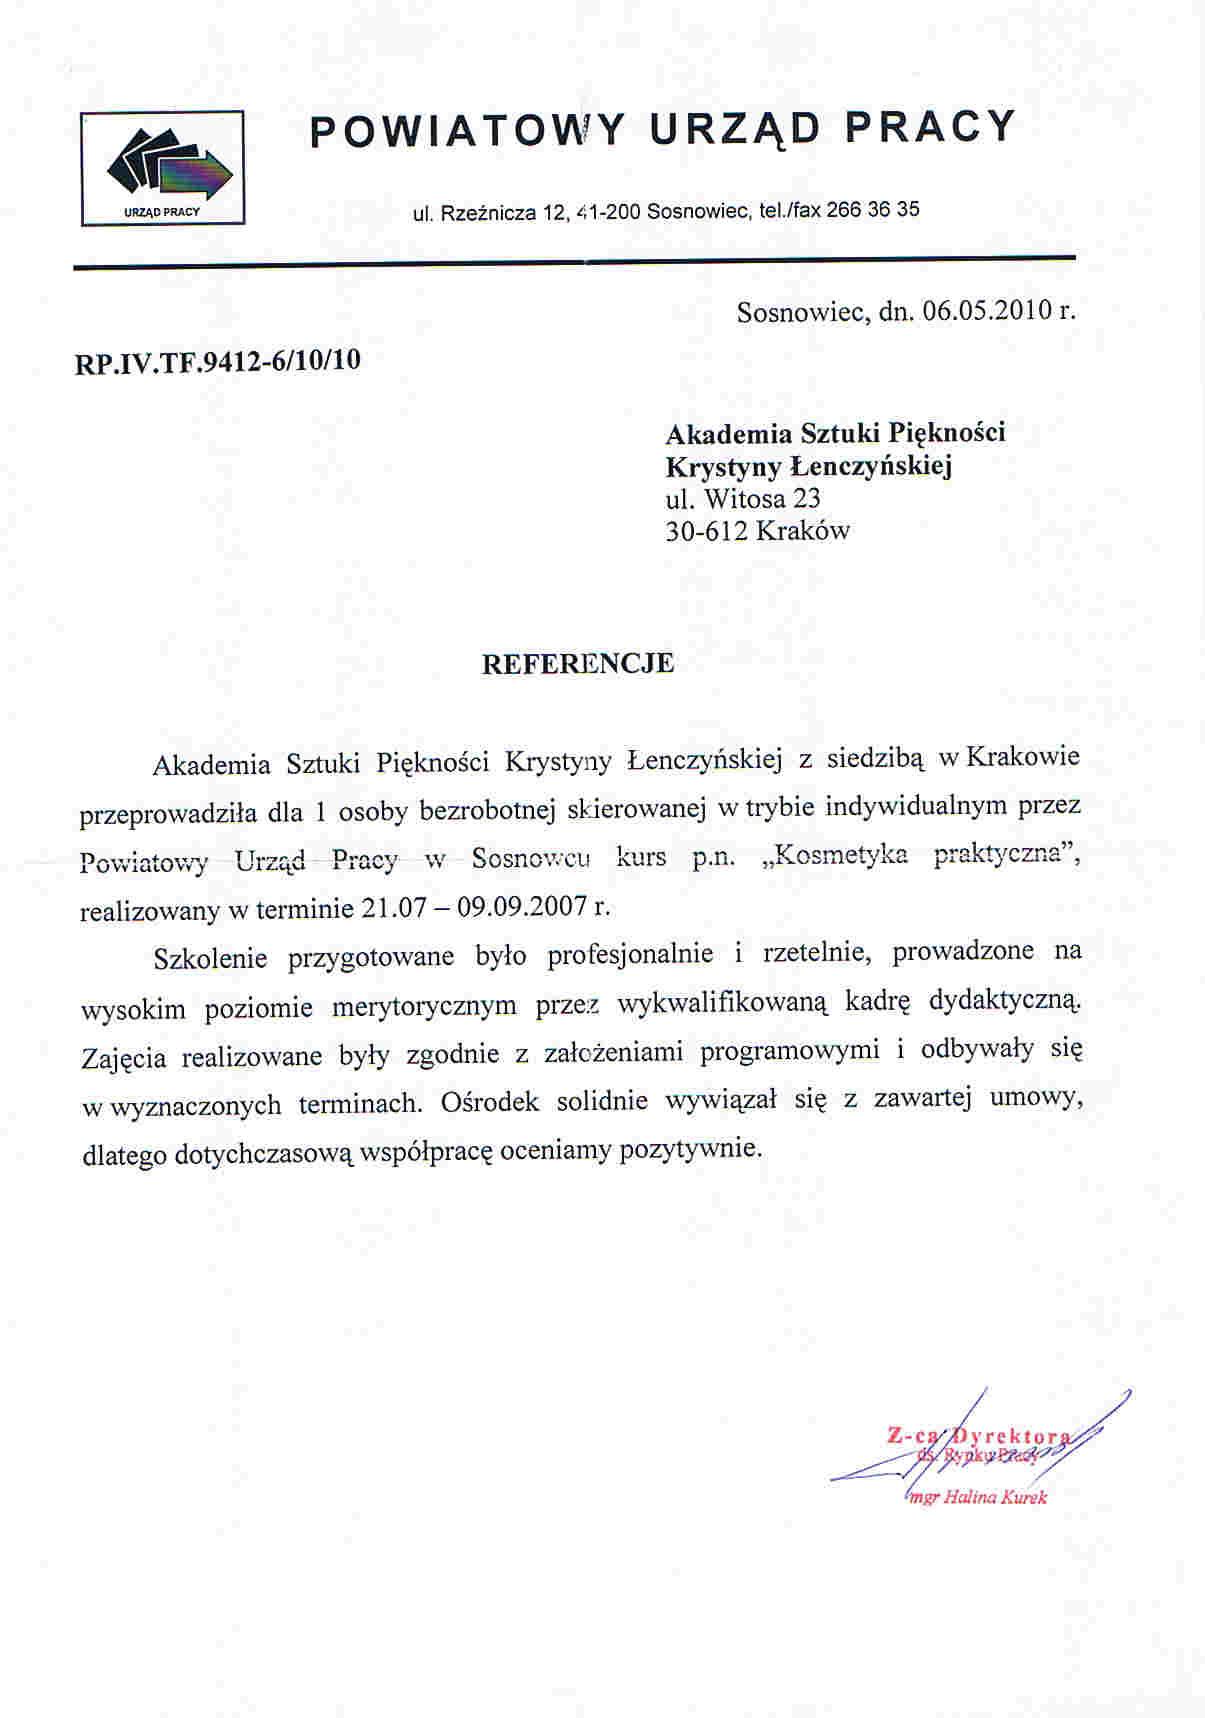 Powiatowy Urząd Pracy w Sosnowcu-Sosnowiec